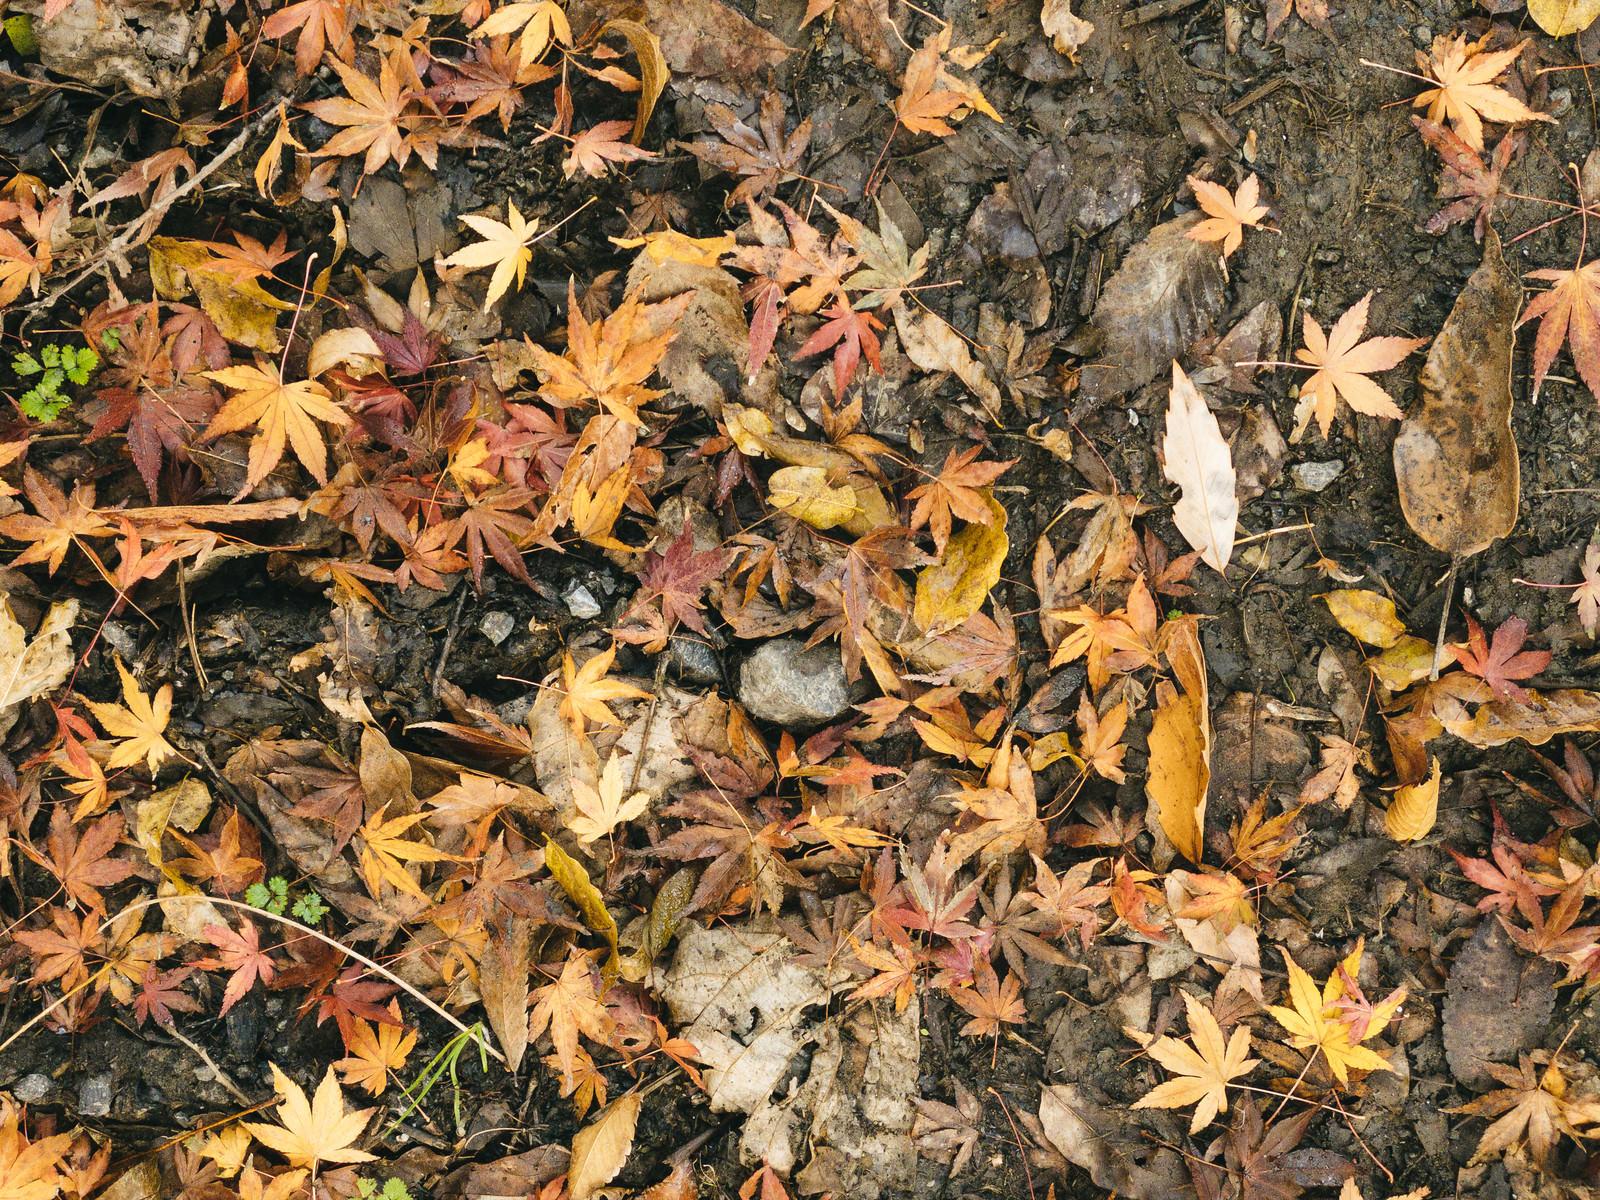 「落ち葉の中に混じる紅葉(テクスチャ)」の写真